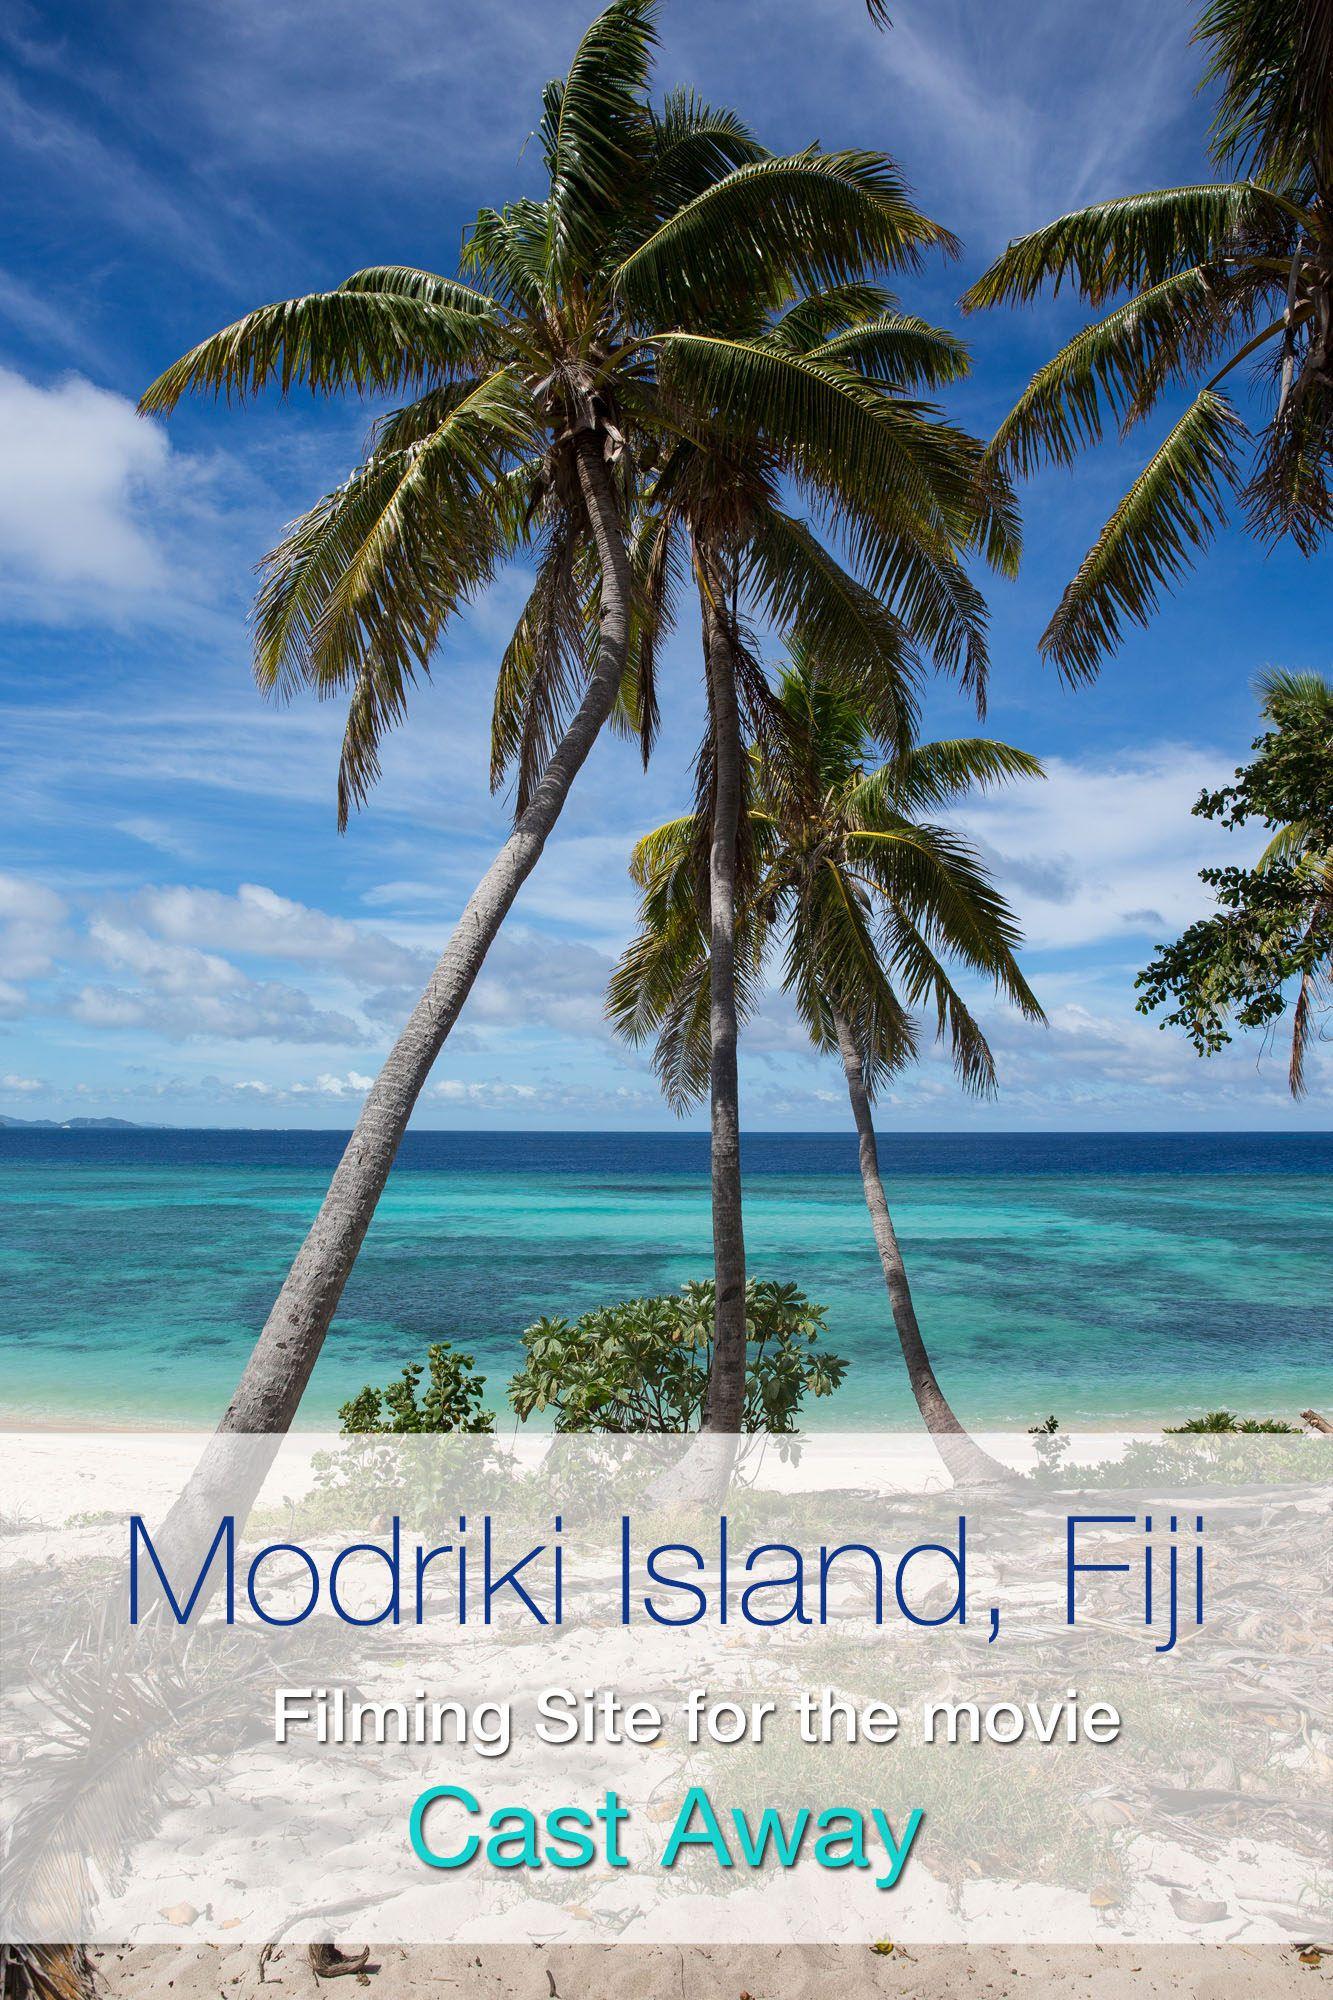 Modriki Island Fiji Cast Away